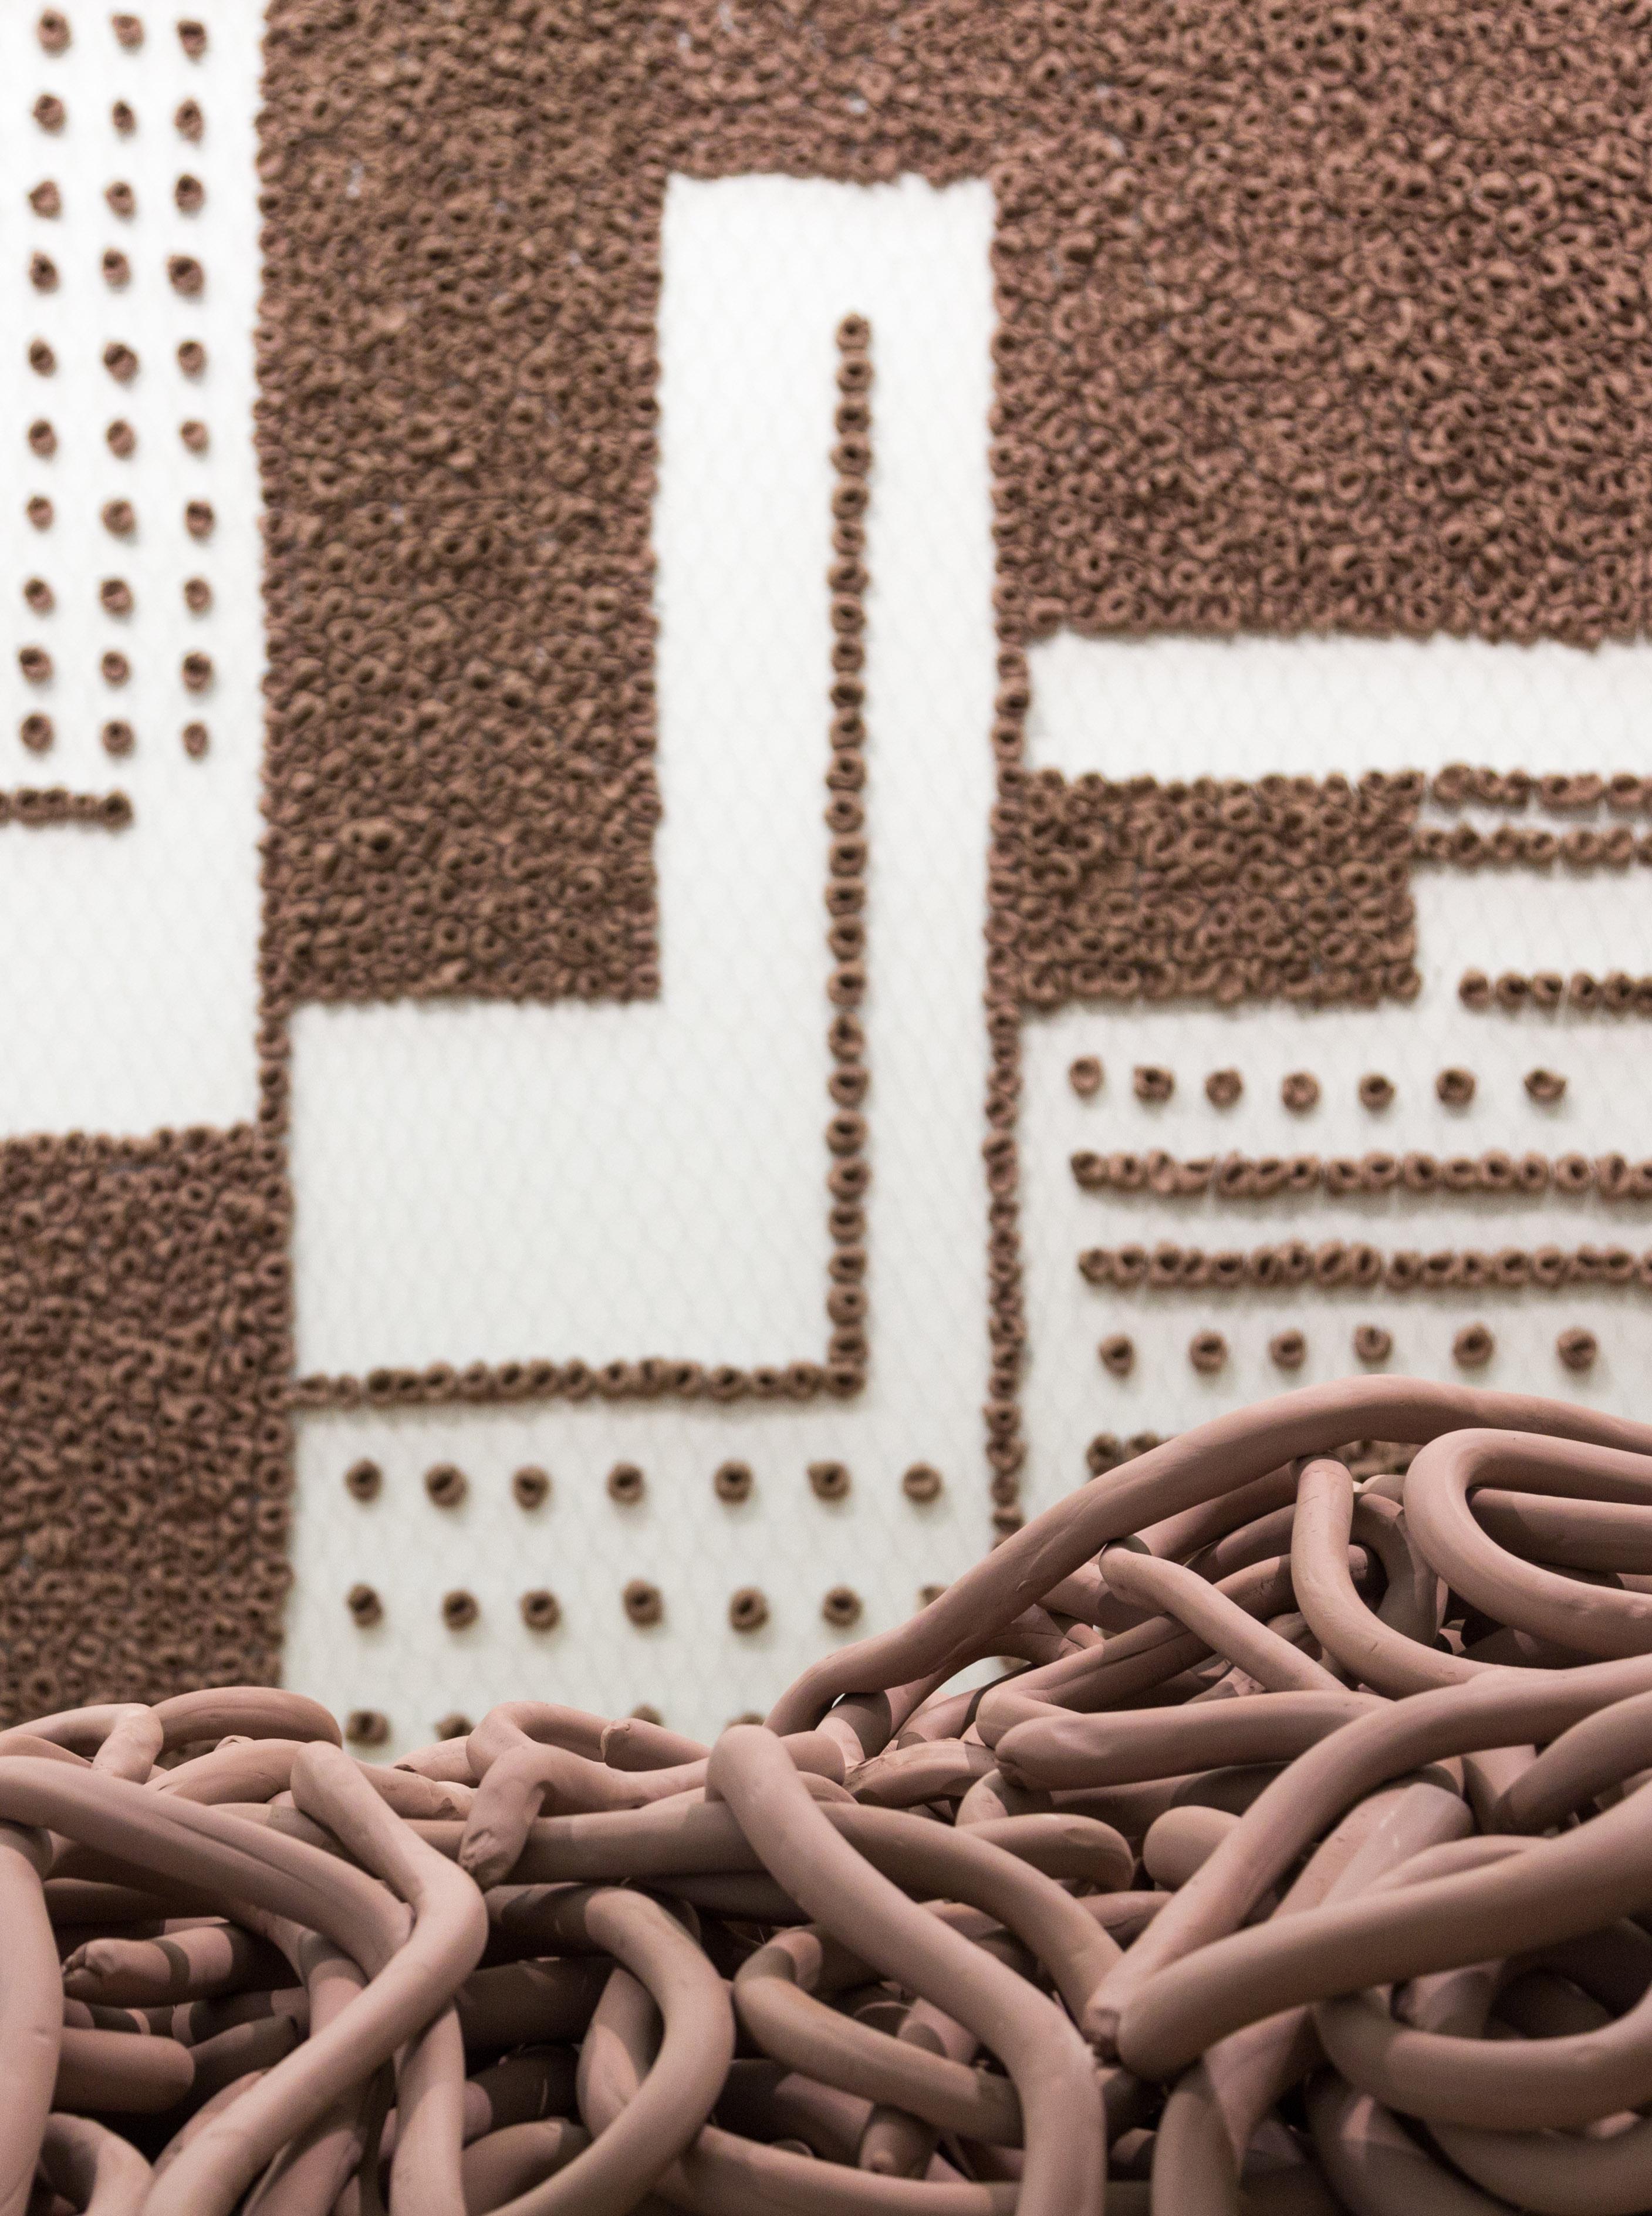 Anna Maria Maiolino, vista dell'installazione al PAC Milano, <Finora>, dalla serie Terra Modellata, 2019, Installazione site-specific, Courtesy dell'artista. Foto: Nico Covre, Vulcano